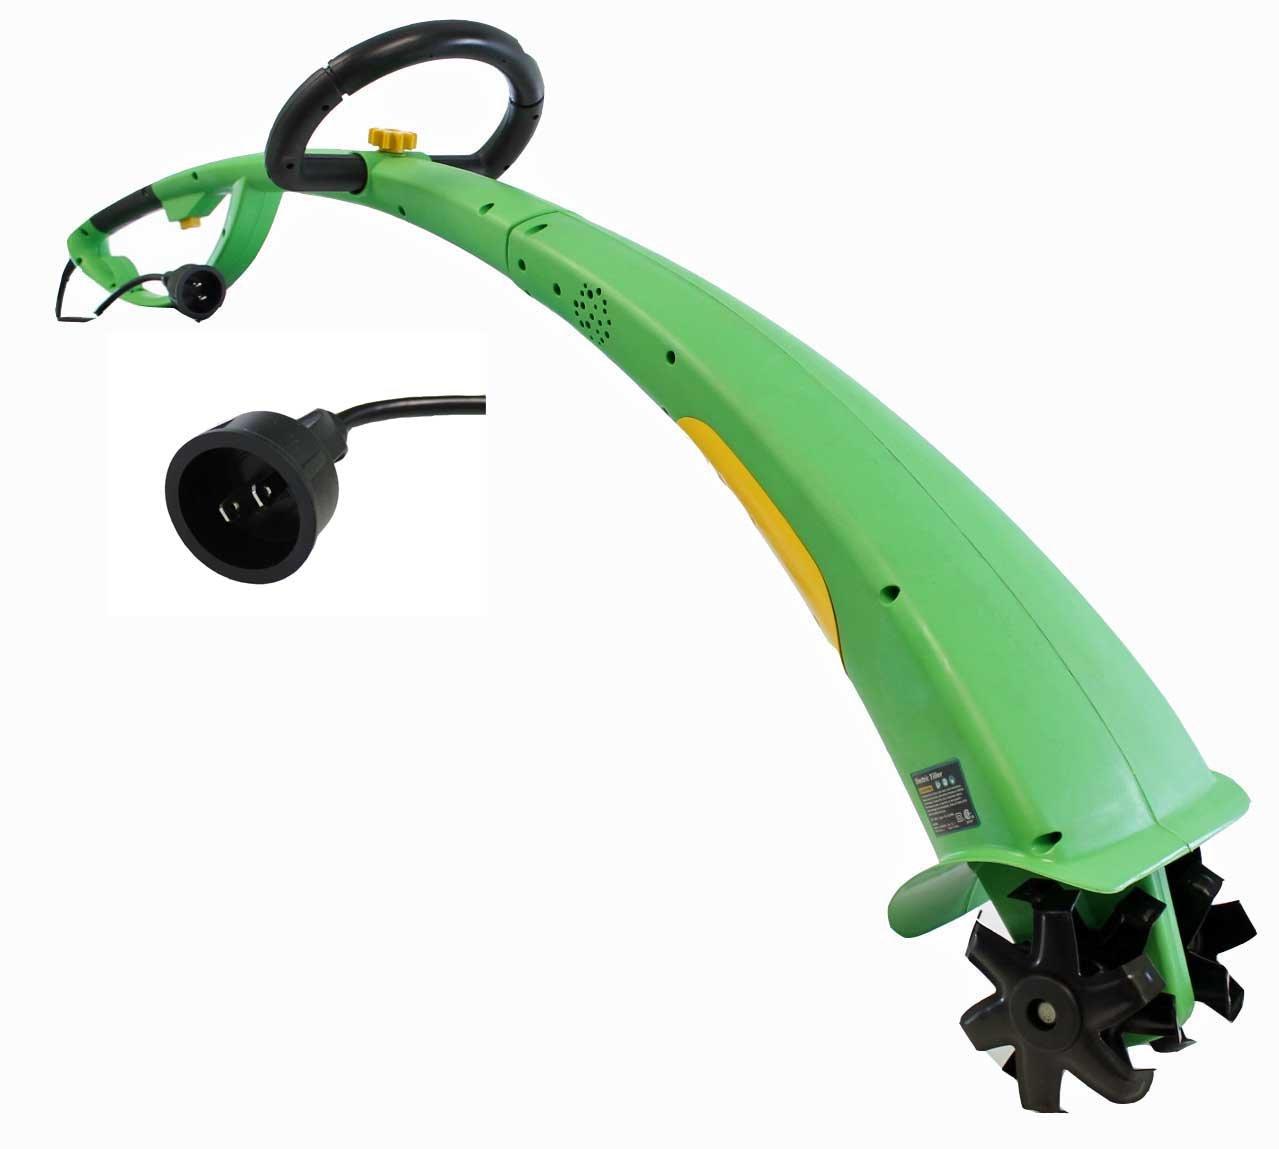 amazoncom new power glide 13 hp 6 cutting width corded electric garden tillercultivator garden outdoor - Garden Tiller For Sale